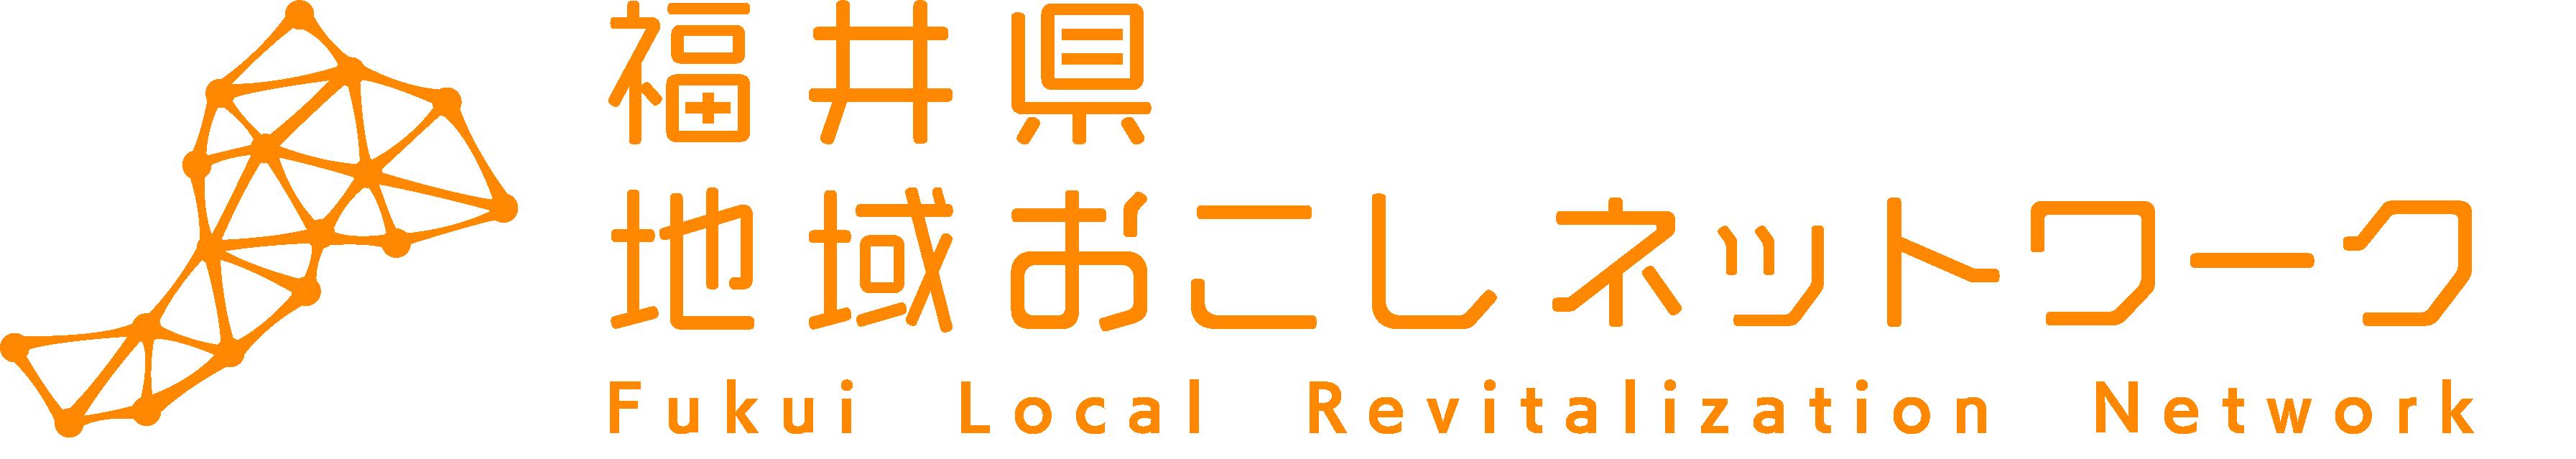 福井県地域おこしネットワーク | 地域おこし協力隊員の交流・紹介・派遣